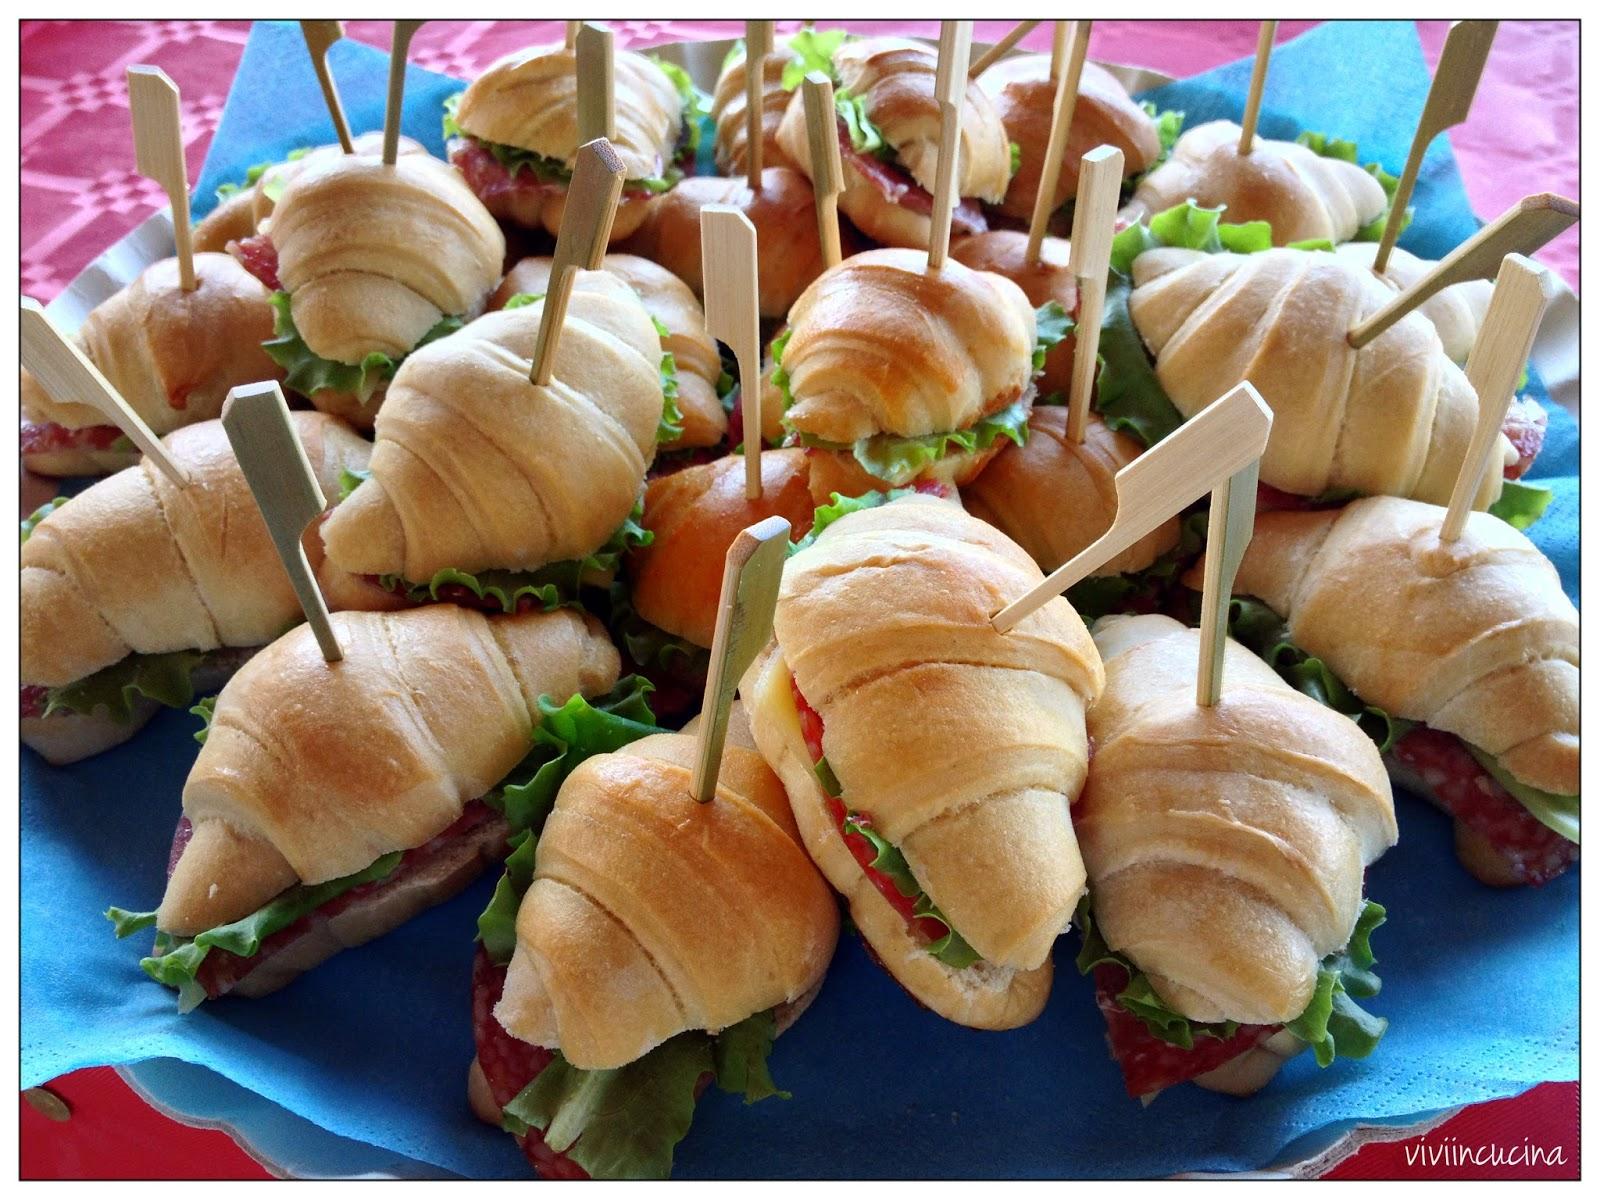 Molto Vivi in cucina: Cornettini salati da buffet HJ96